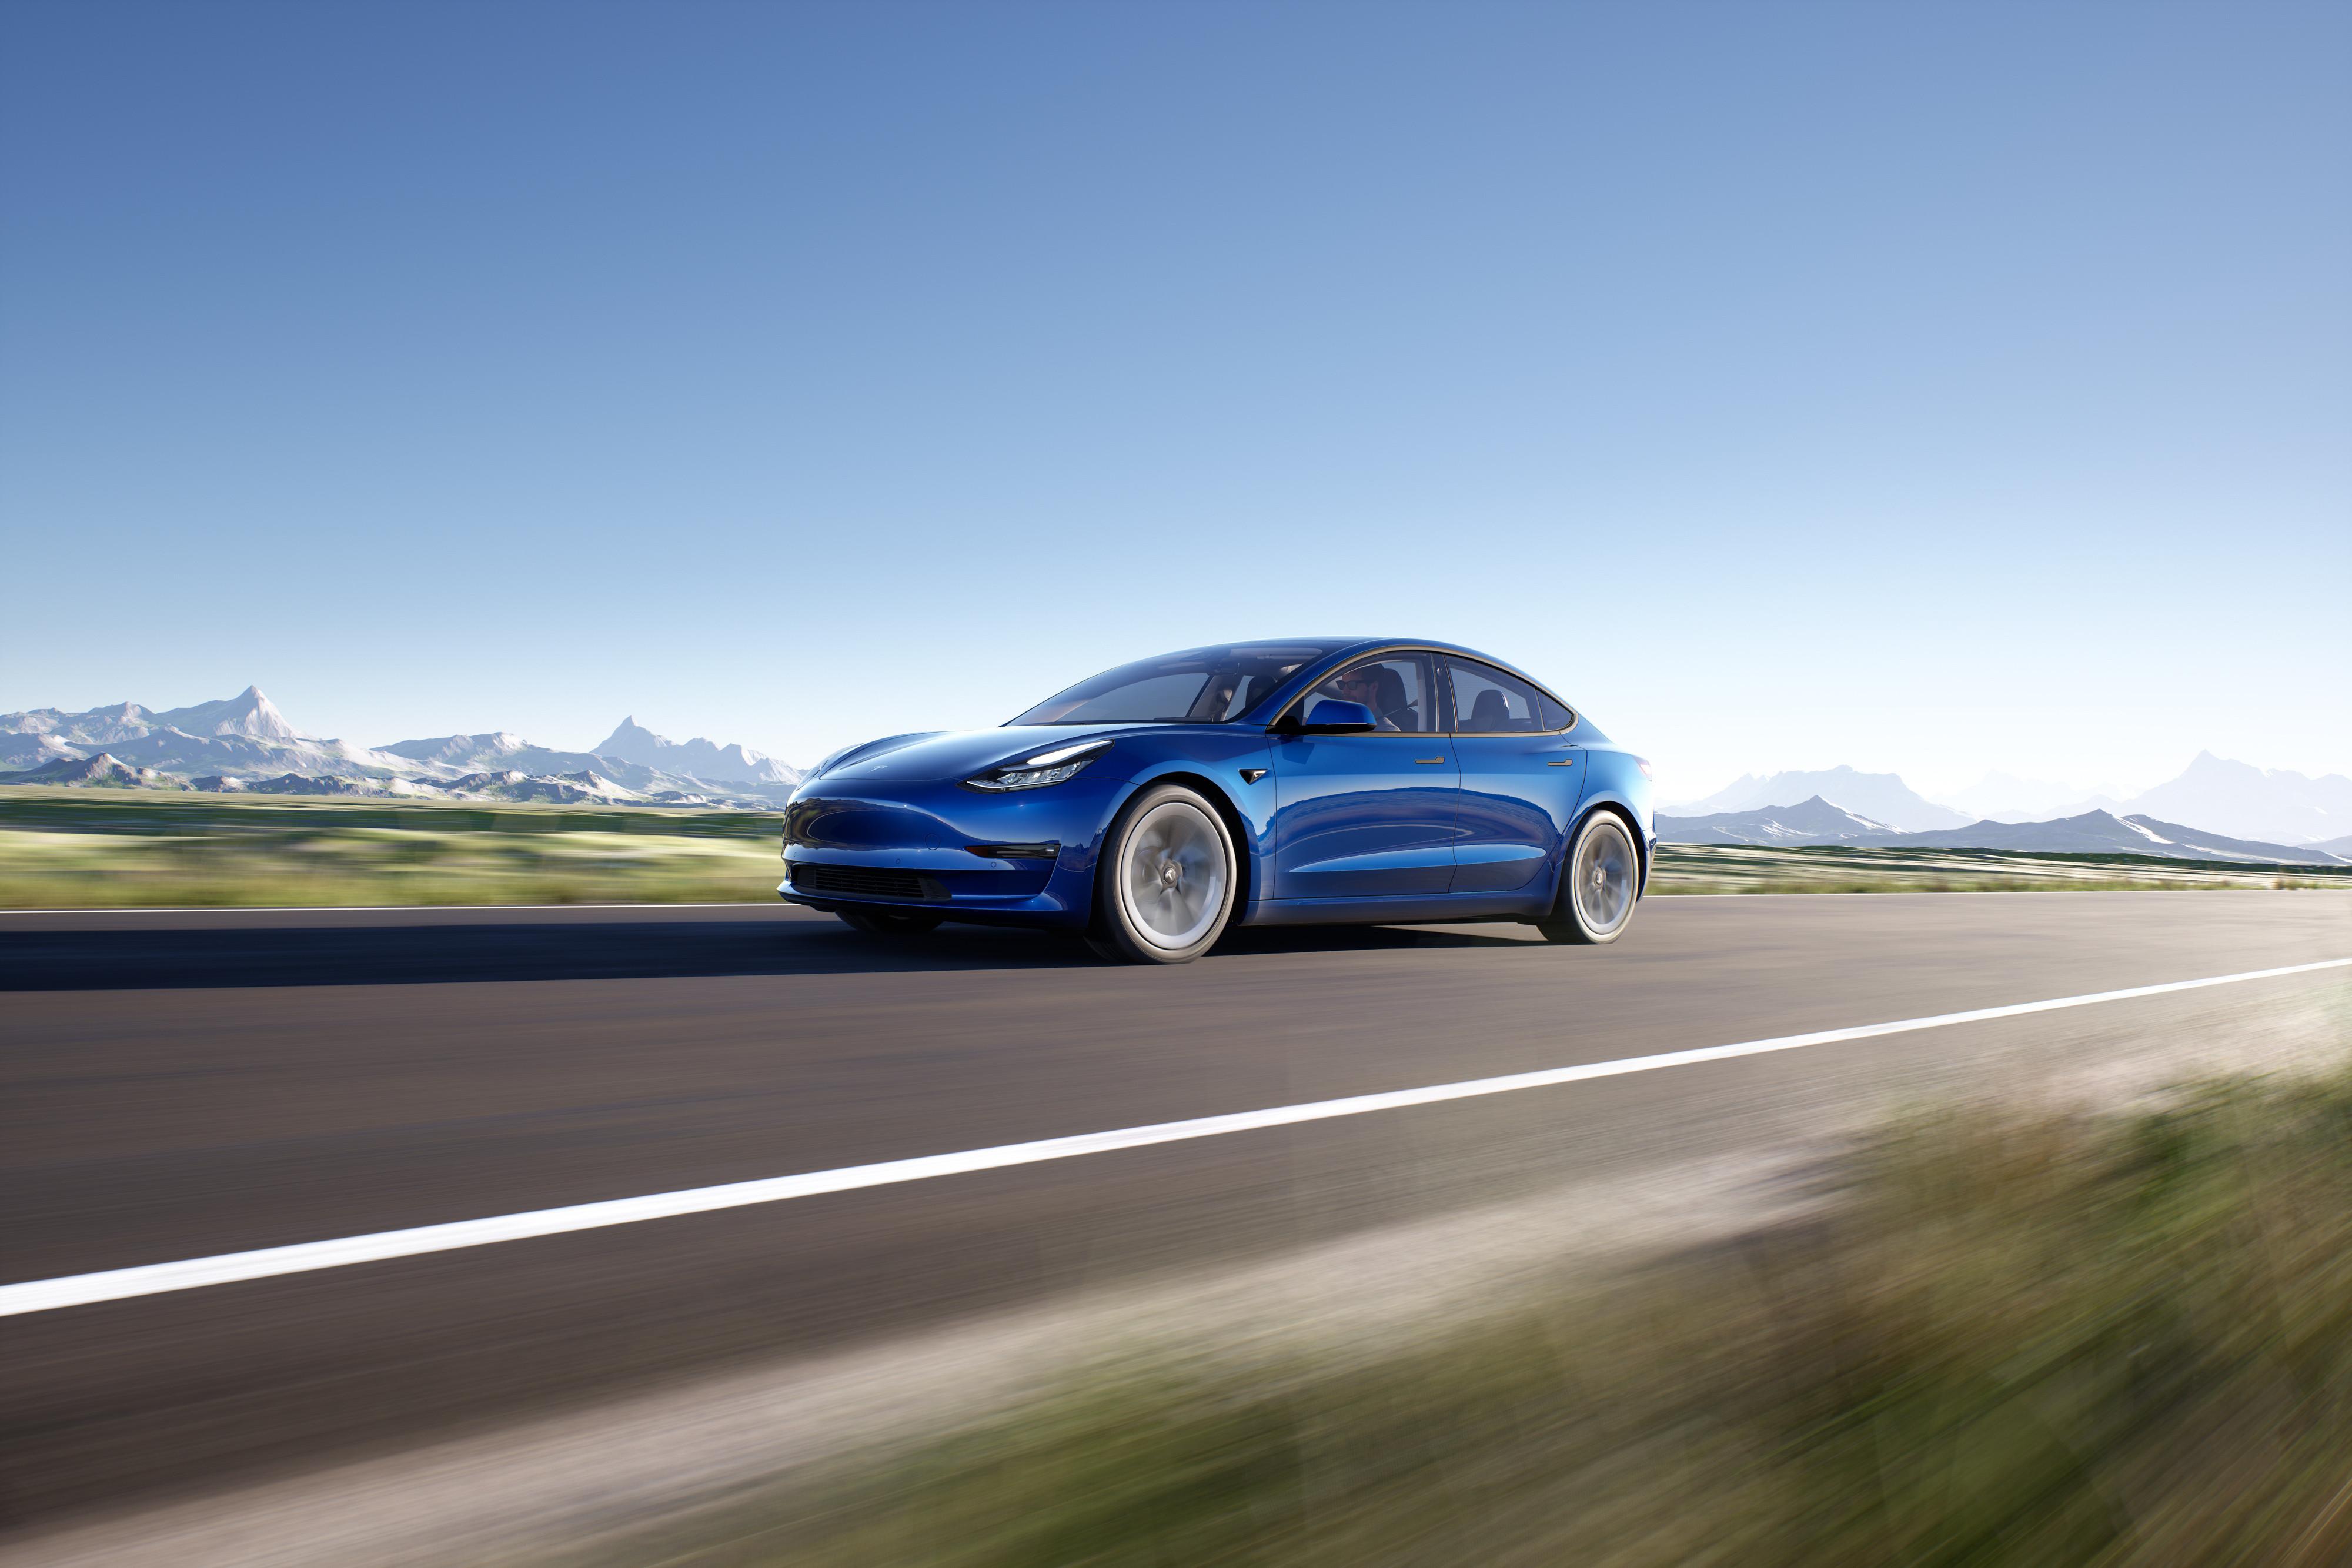 20万的特斯拉还远么 Model 3再降15000元